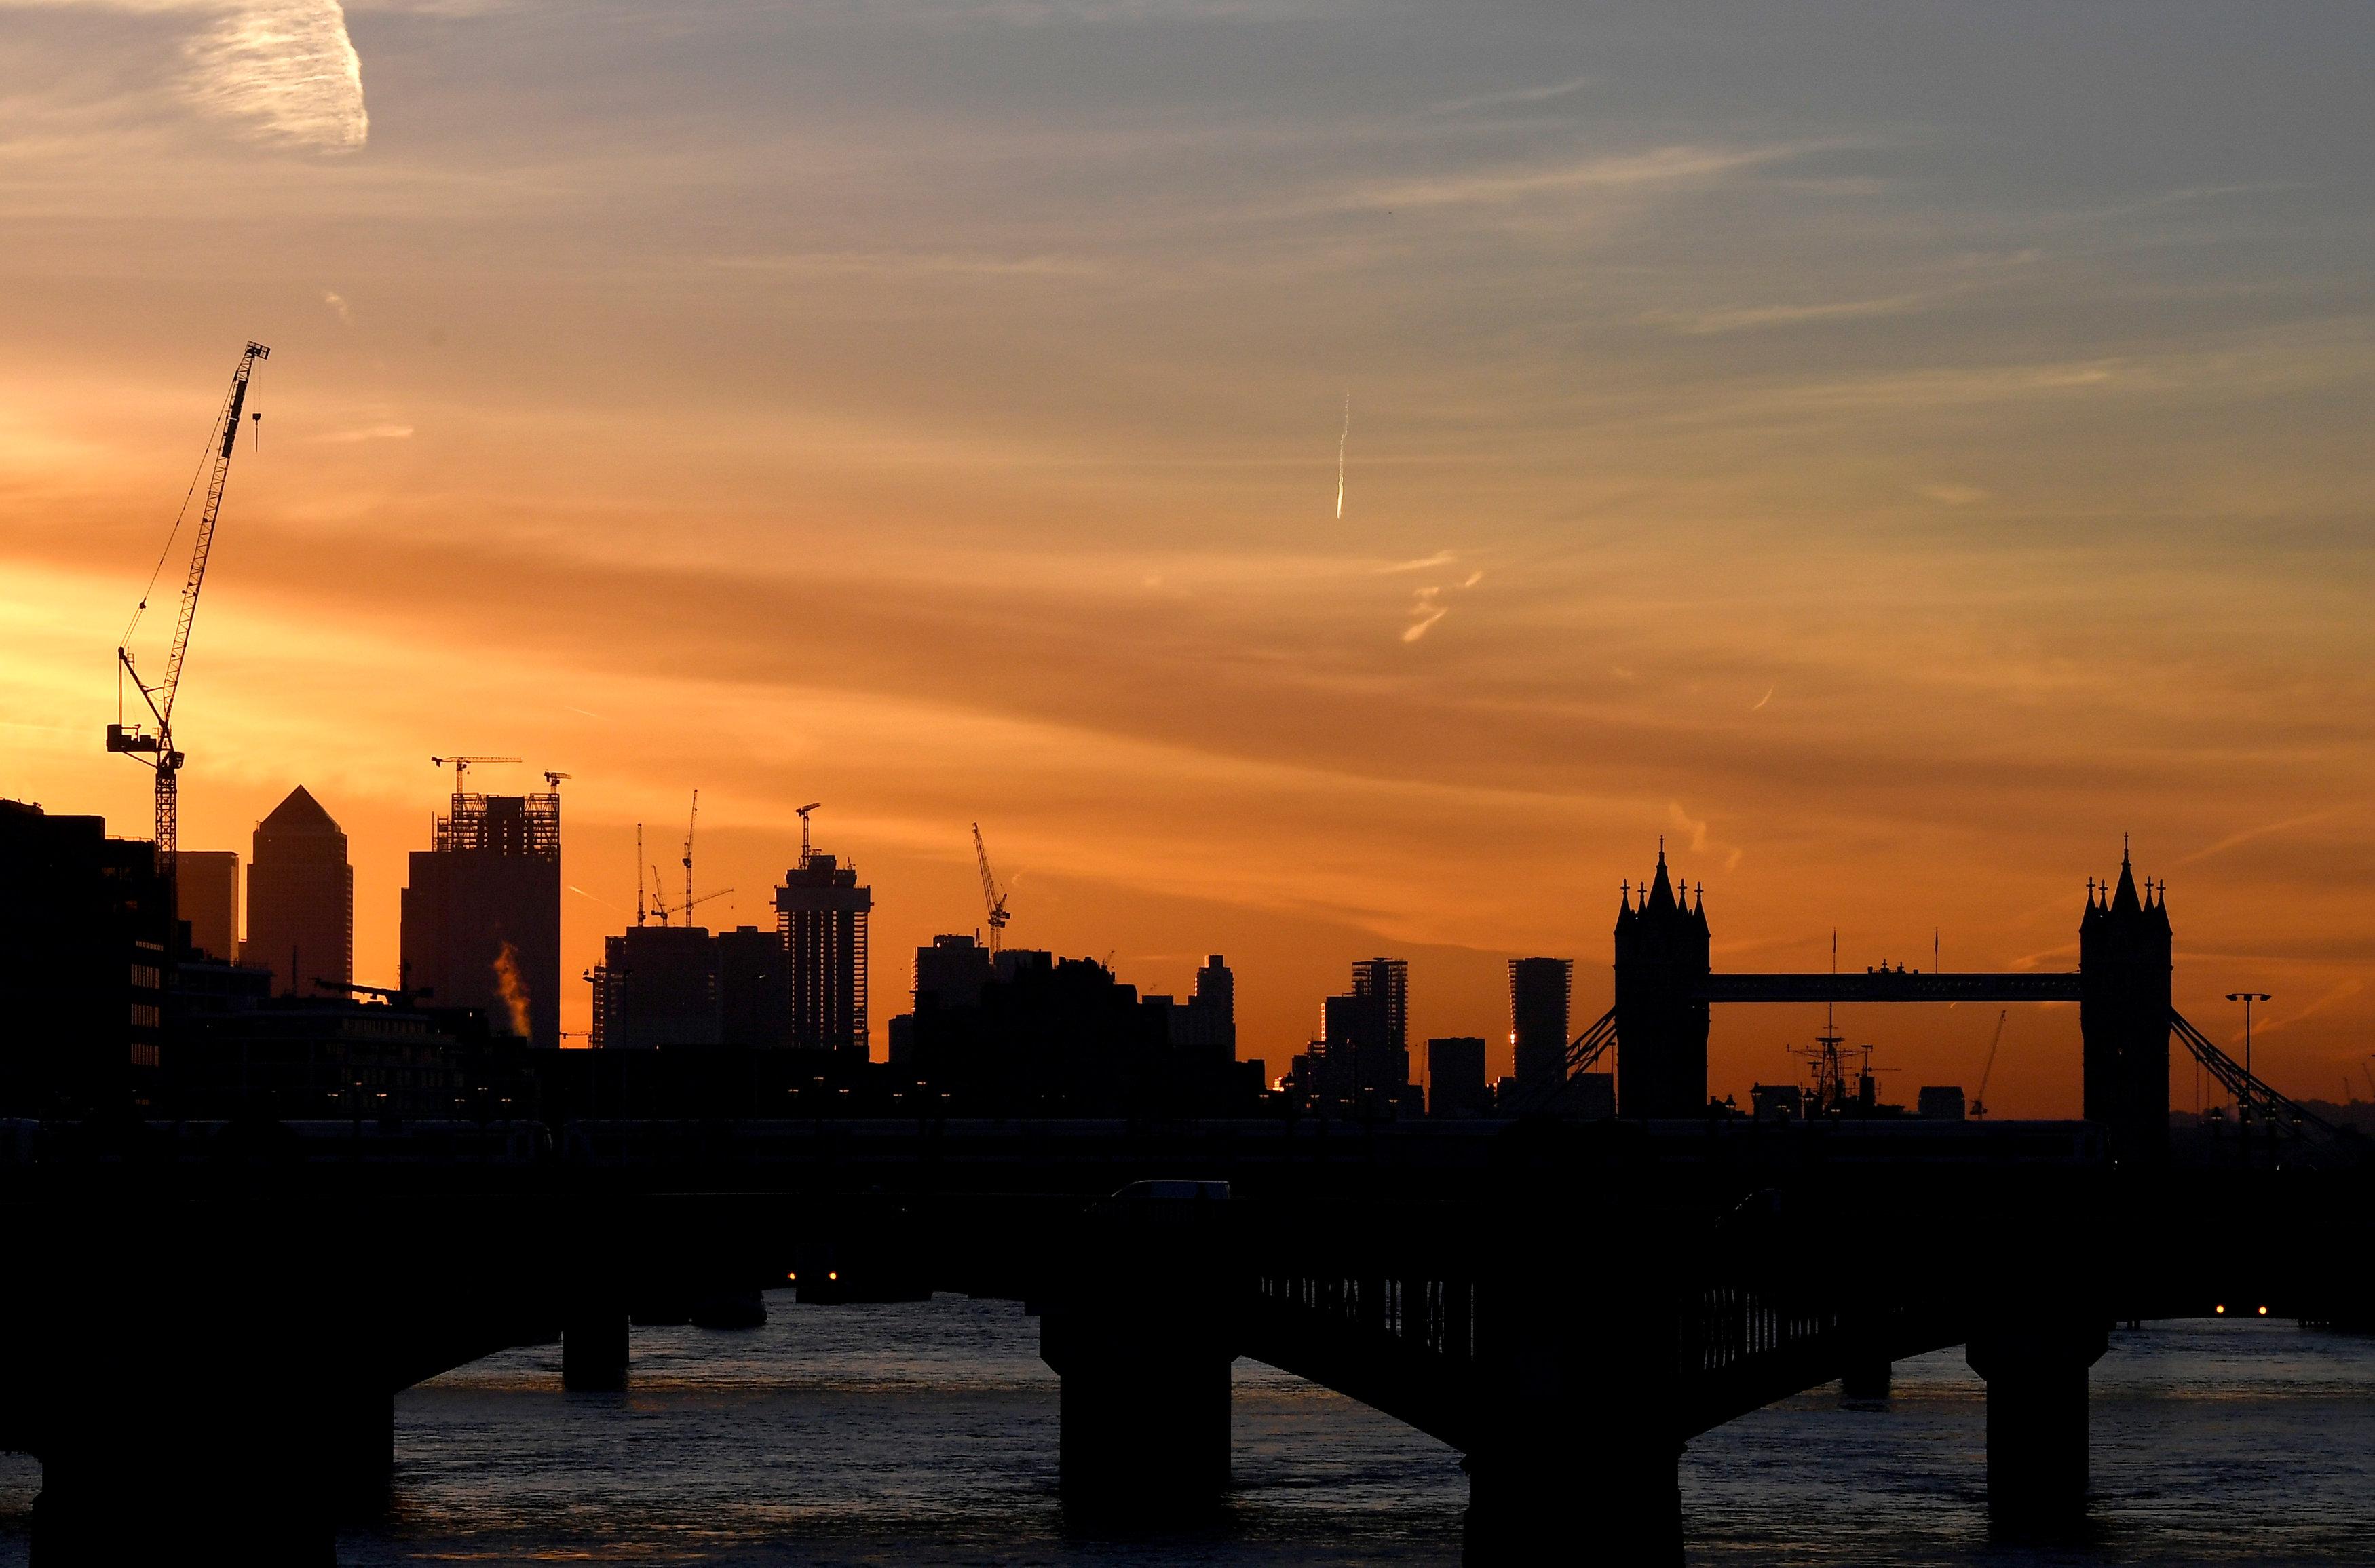 أعمال بناء واسعة لانشاء ناطحات سحاب جديدة فى لندن